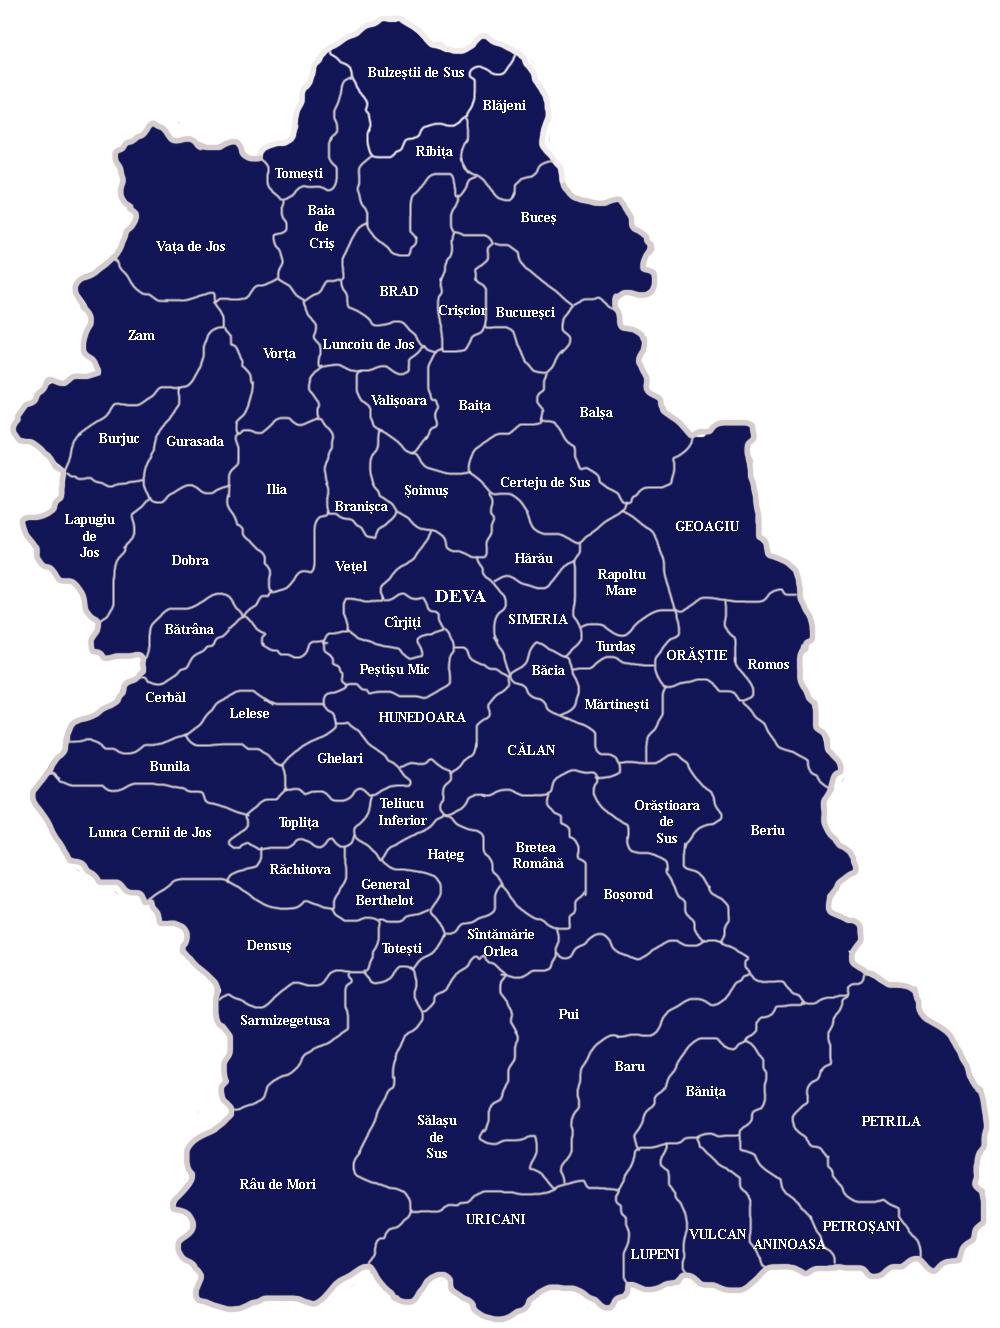 Harta Bcpi Din Judetul Hunedoara Oficiul De Cadastru și